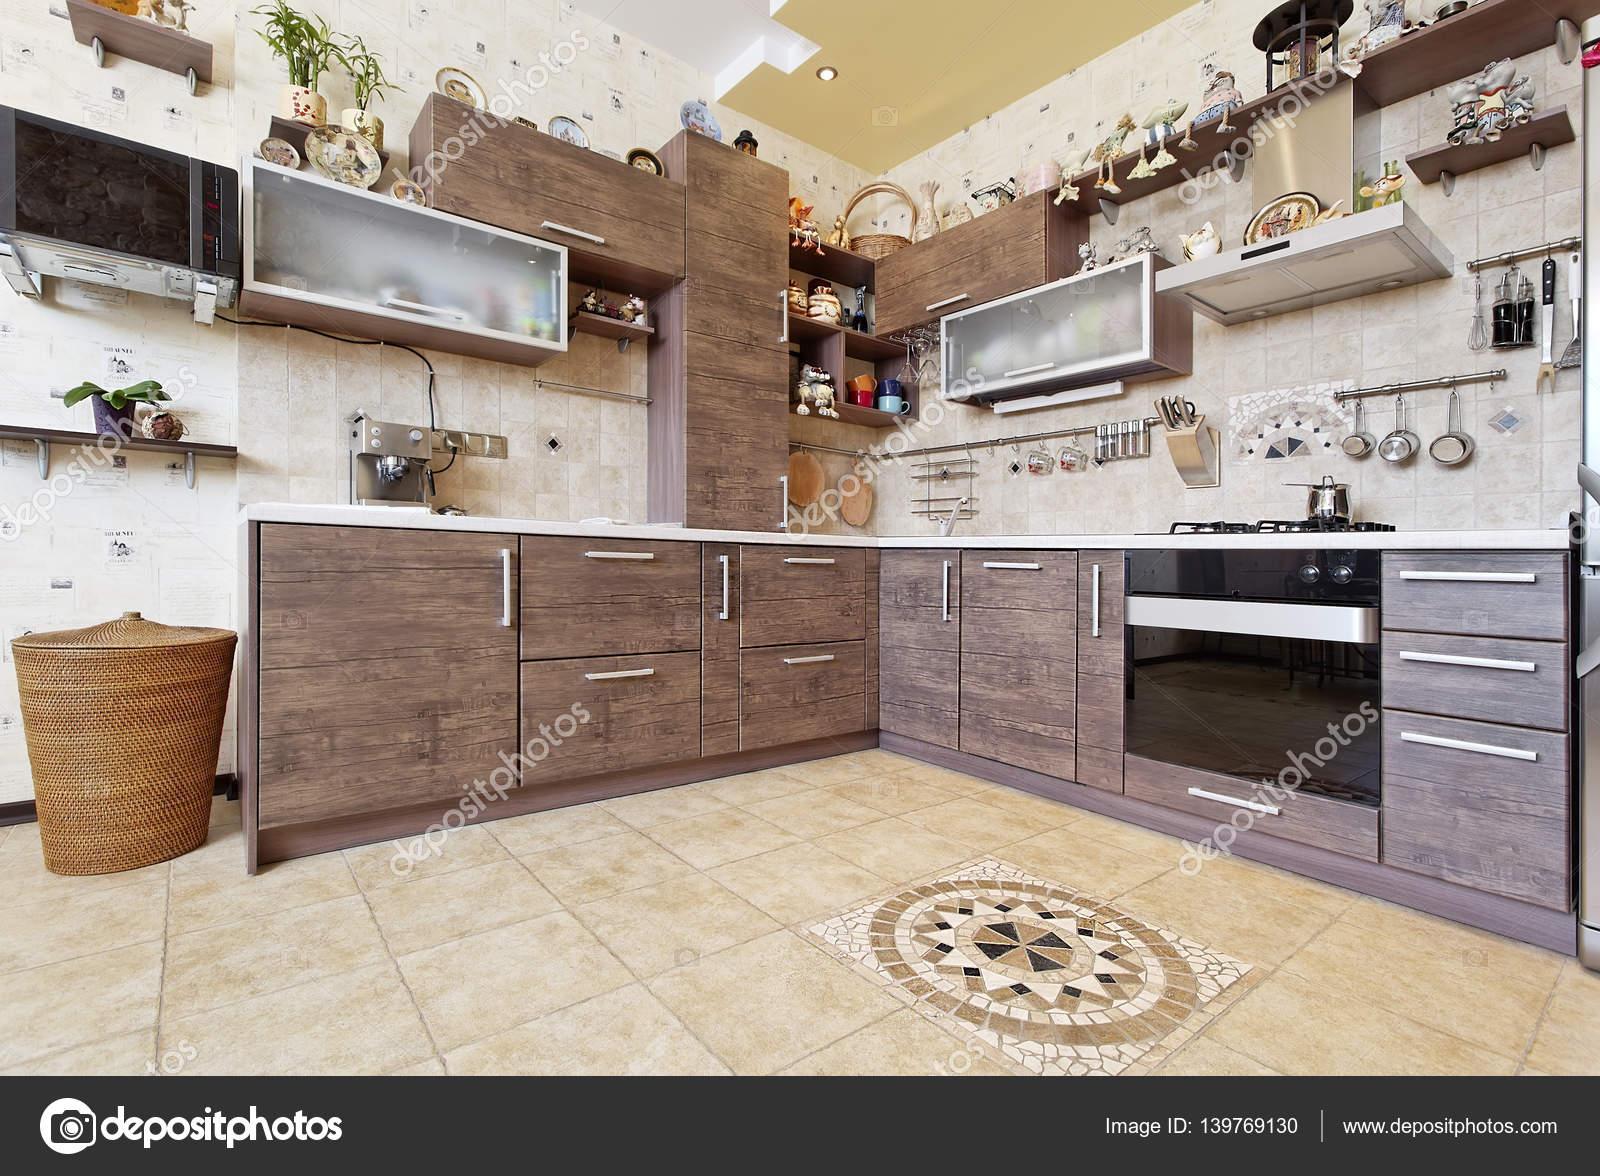 Hermosa madera estilo cocina con decoraciones — Fotos de Stock ...